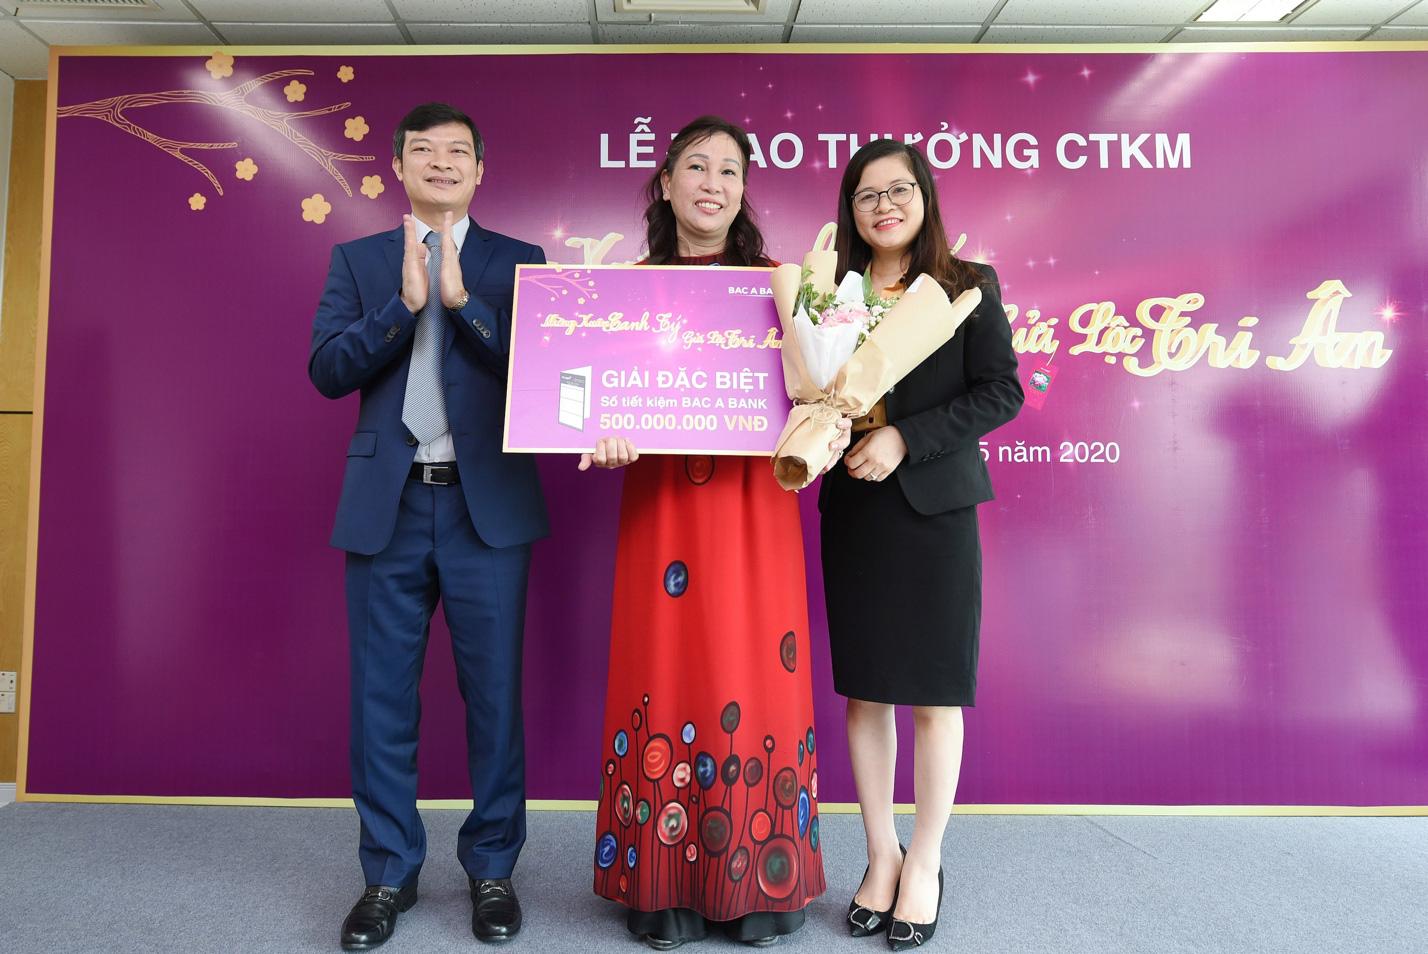 """Ngân hàng Bắc Á chúc mừng khách hàng trúng thưởng CTKM """"Mừng Xuân Canh Tý - Gửi lộc tri ân"""" - Ảnh 3."""